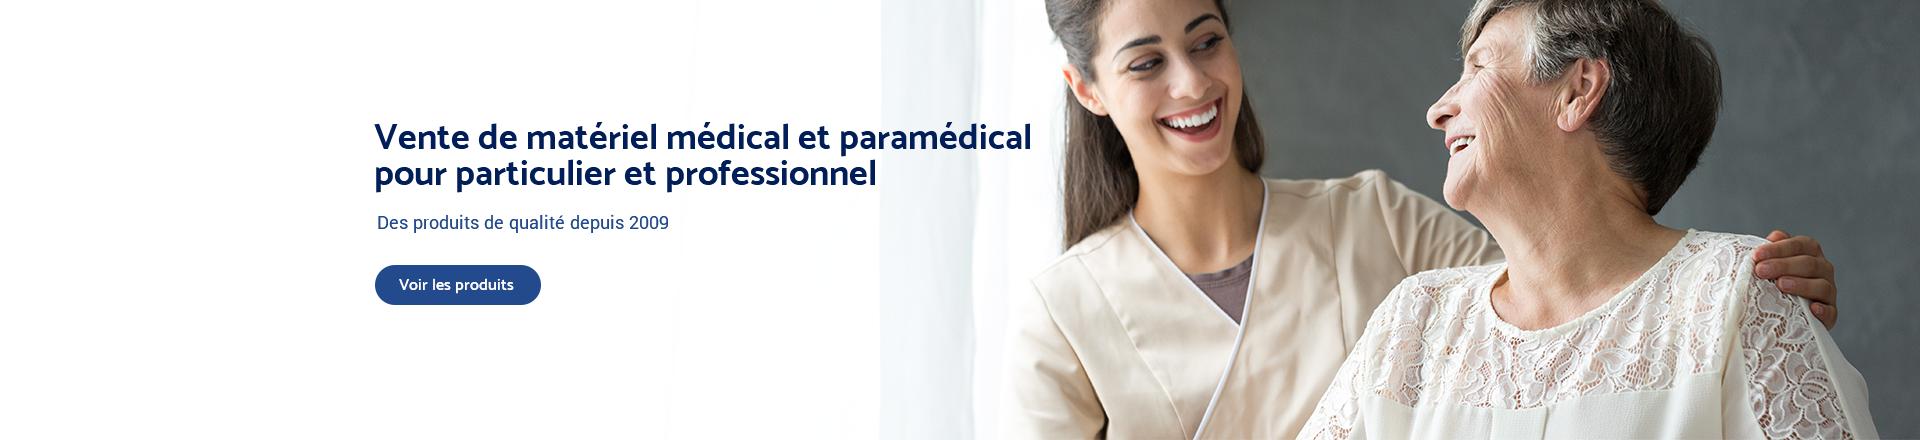 Vente de matériel médical et paramédical